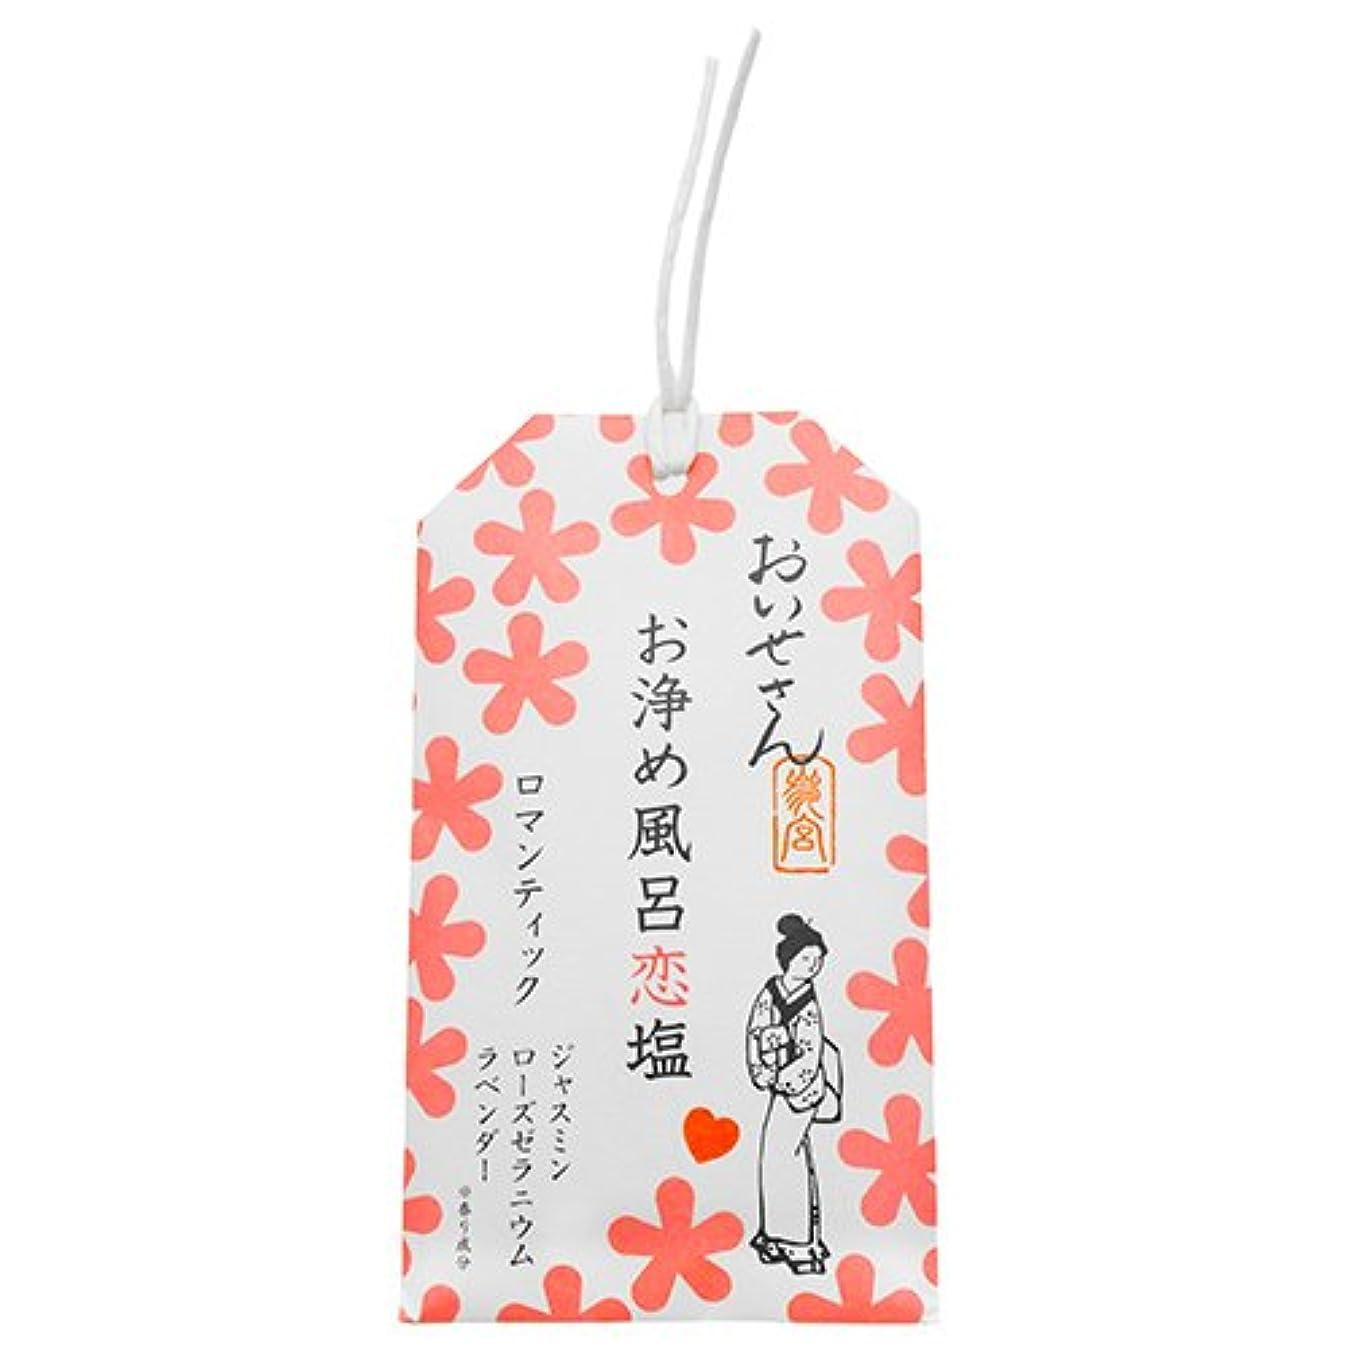 解決全能スチュアート島おいせさん お浄め風呂恋塩(ロマンティック)